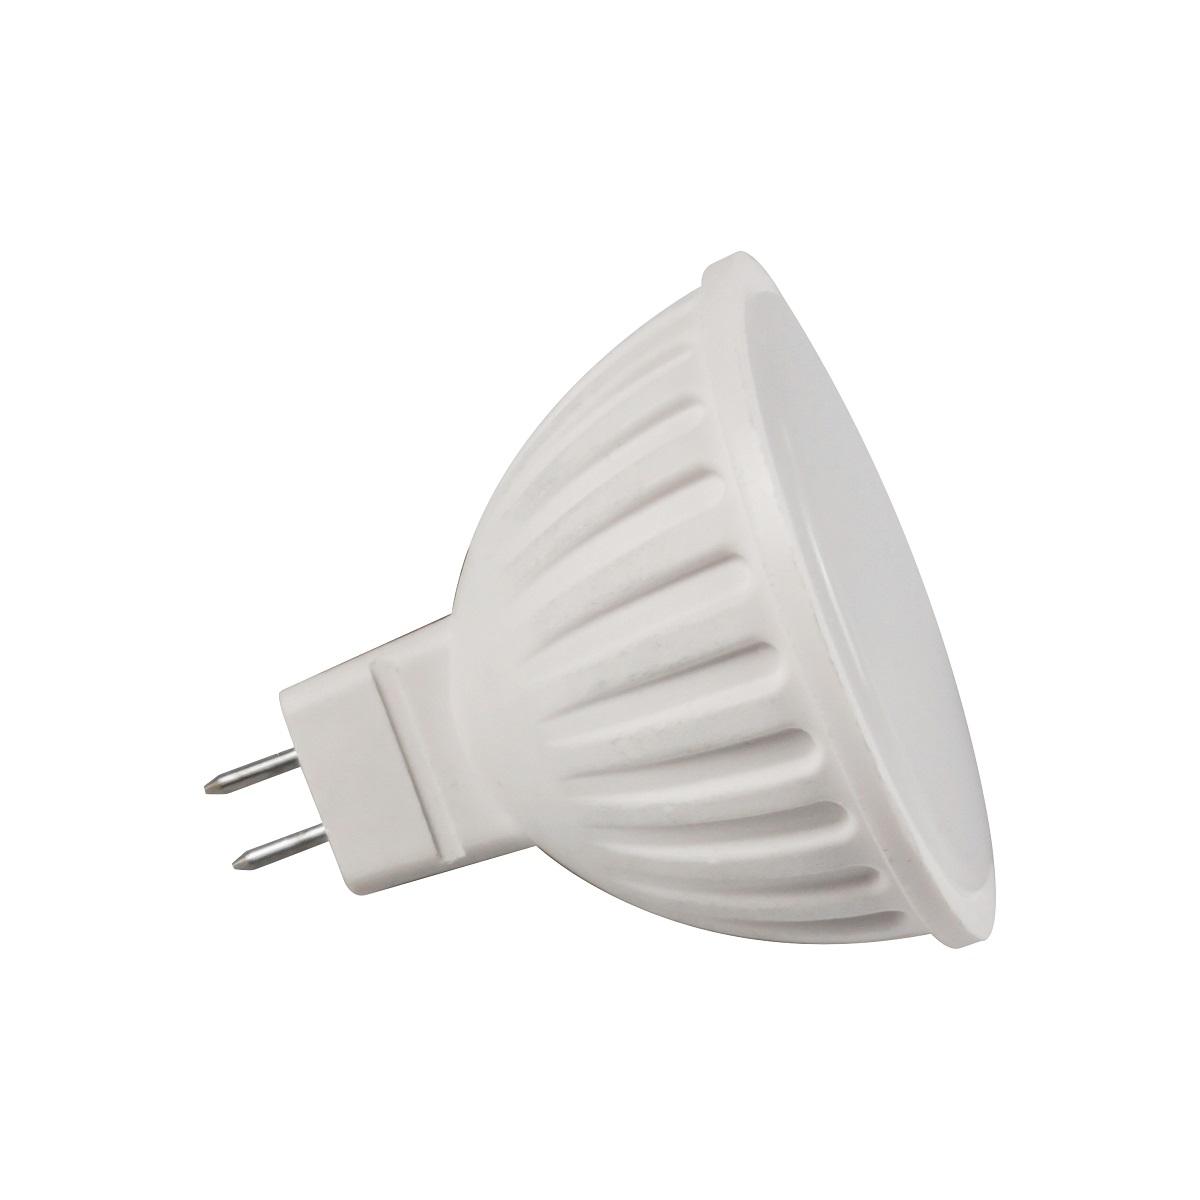 Лампа светодиодная Lieberg, нейтральный свет, цоколь GU5.3, 7WLkecLED7.5wCWE2730Светодиодная лампа (рефлектор) LIEBERG мощностью 7Вт - это инновационный и экологичный источник света, позволяющий сэкономить до 90% на электроэнергии. Лампа не пульсирует, ресурс составляет 40 000 часов работы. Угол свечения 120°. Эффективный драйвер обеспечивает стабильную работу при резких перепадах входного напряжения (175 -265В). Область применения: общее, локальное и аварийное освещение.